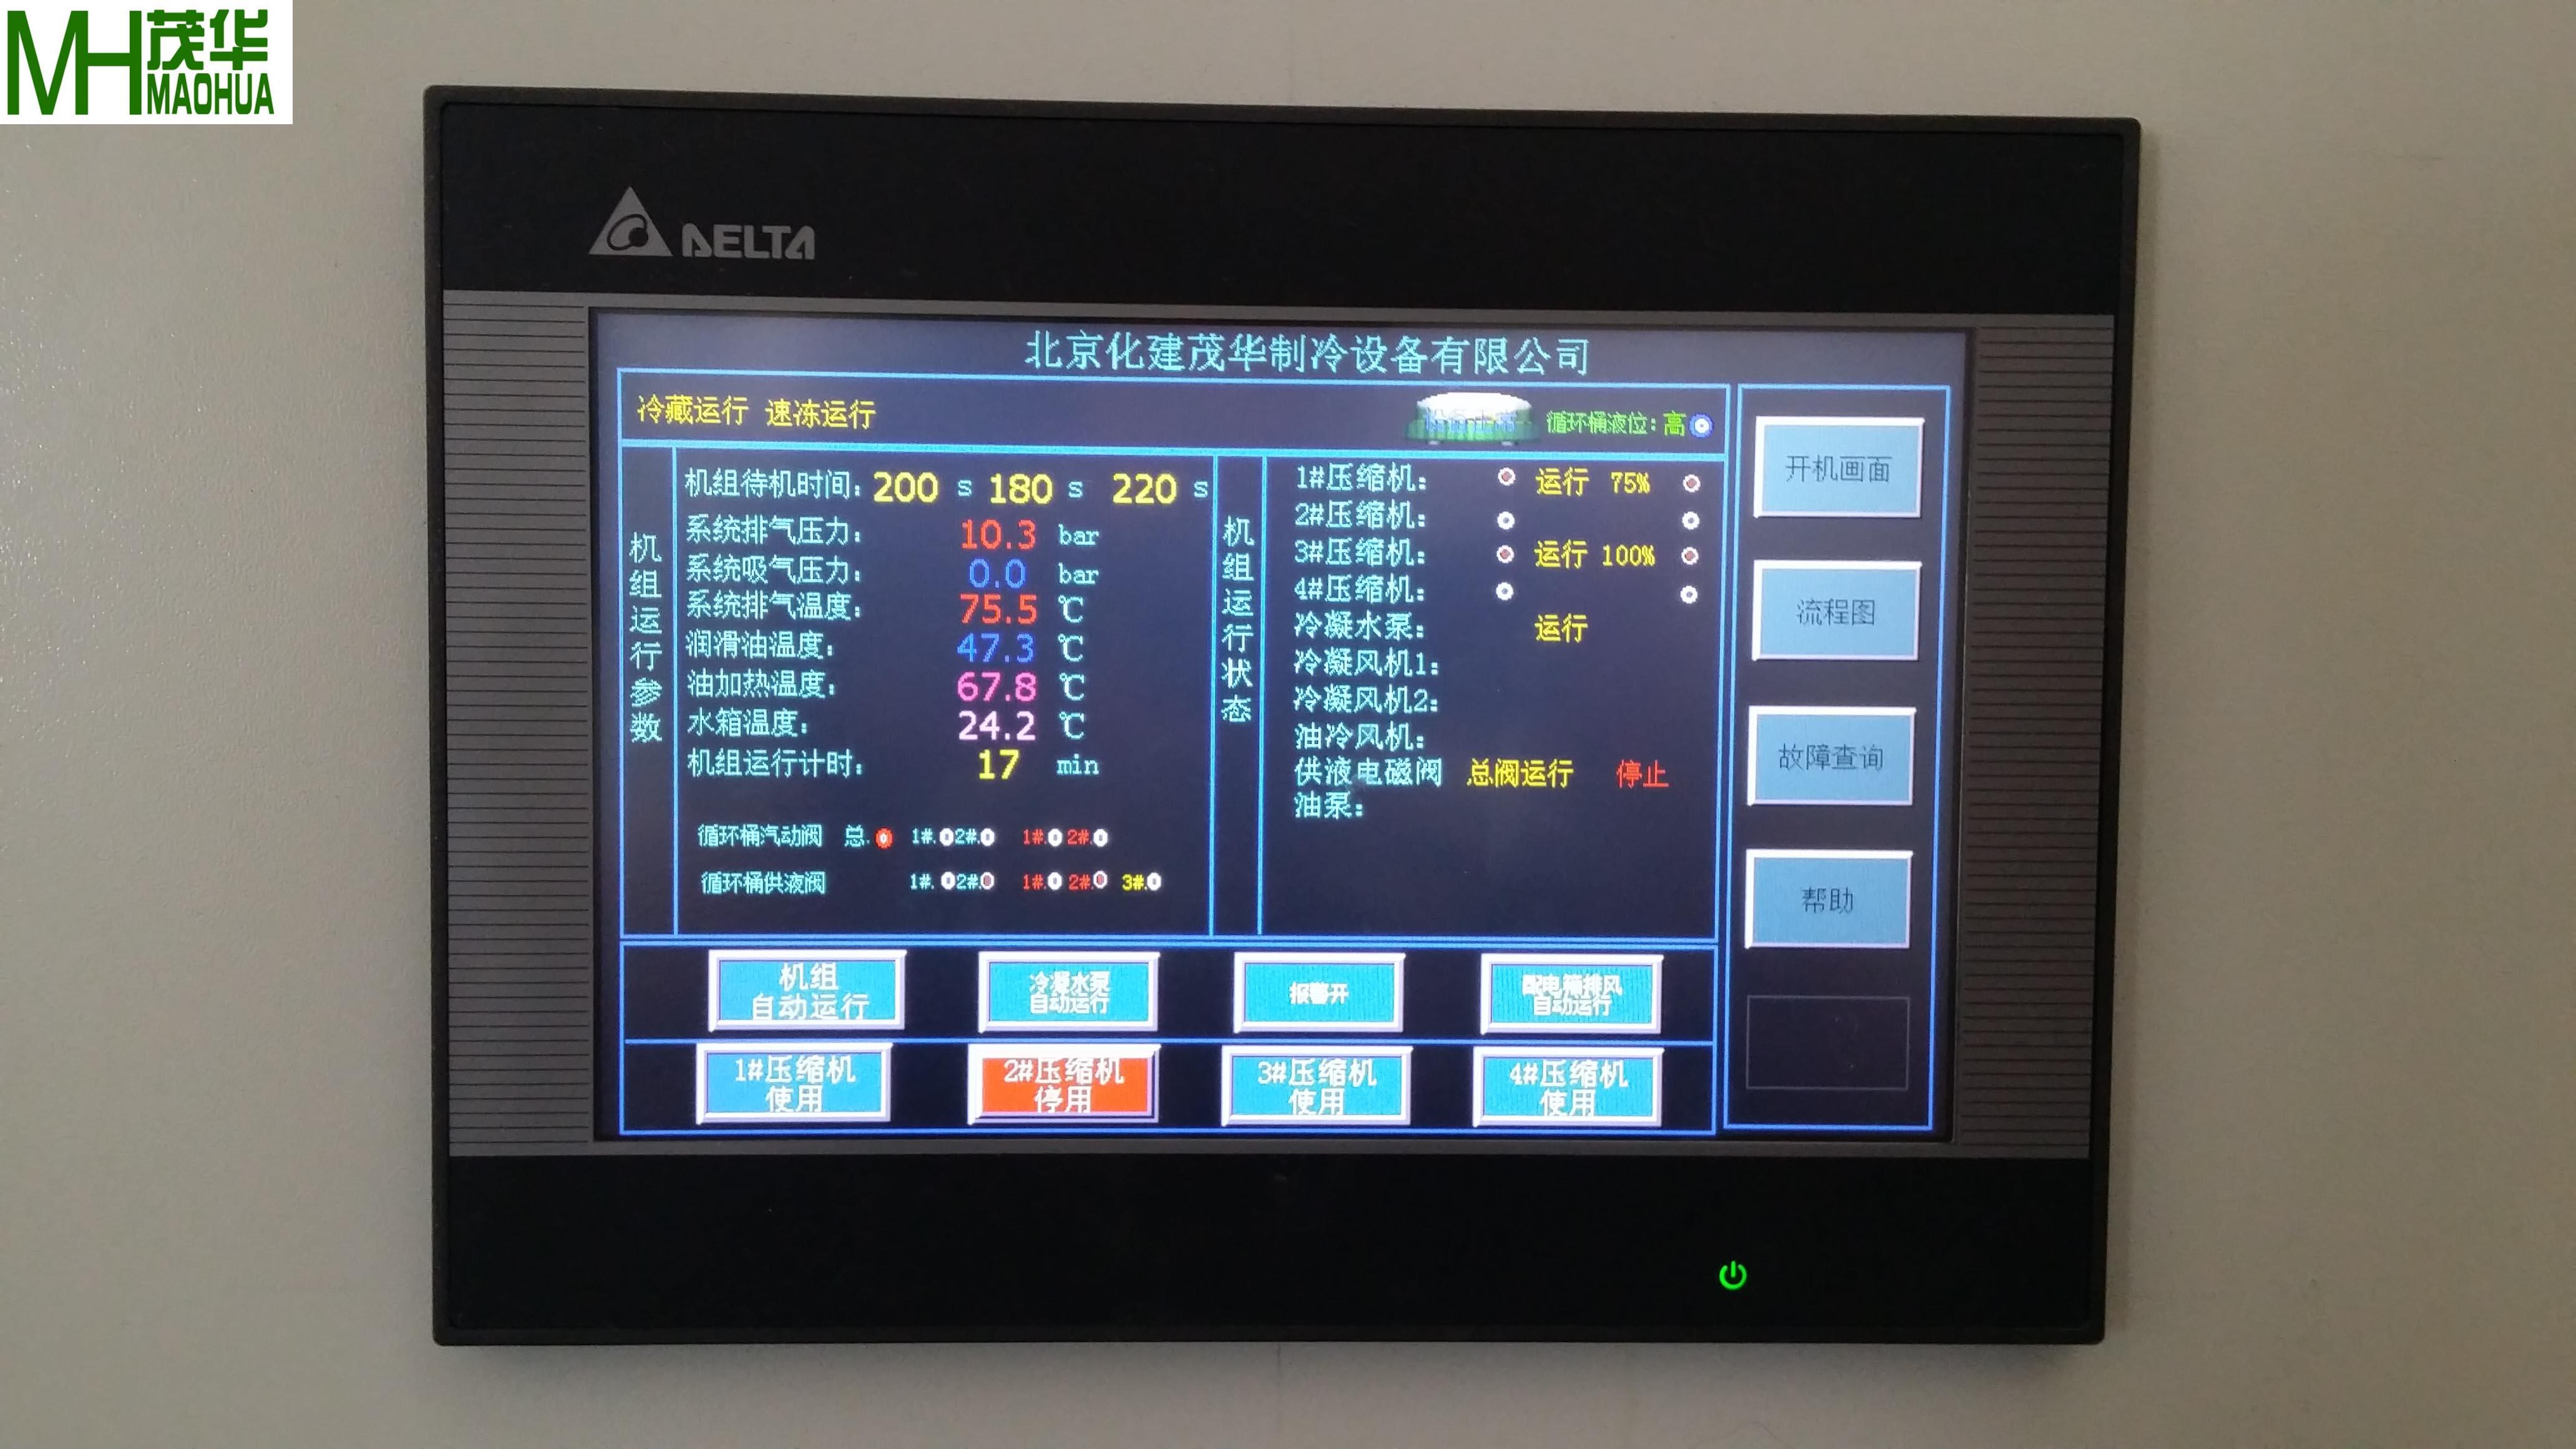 茂华-全自动电控系统